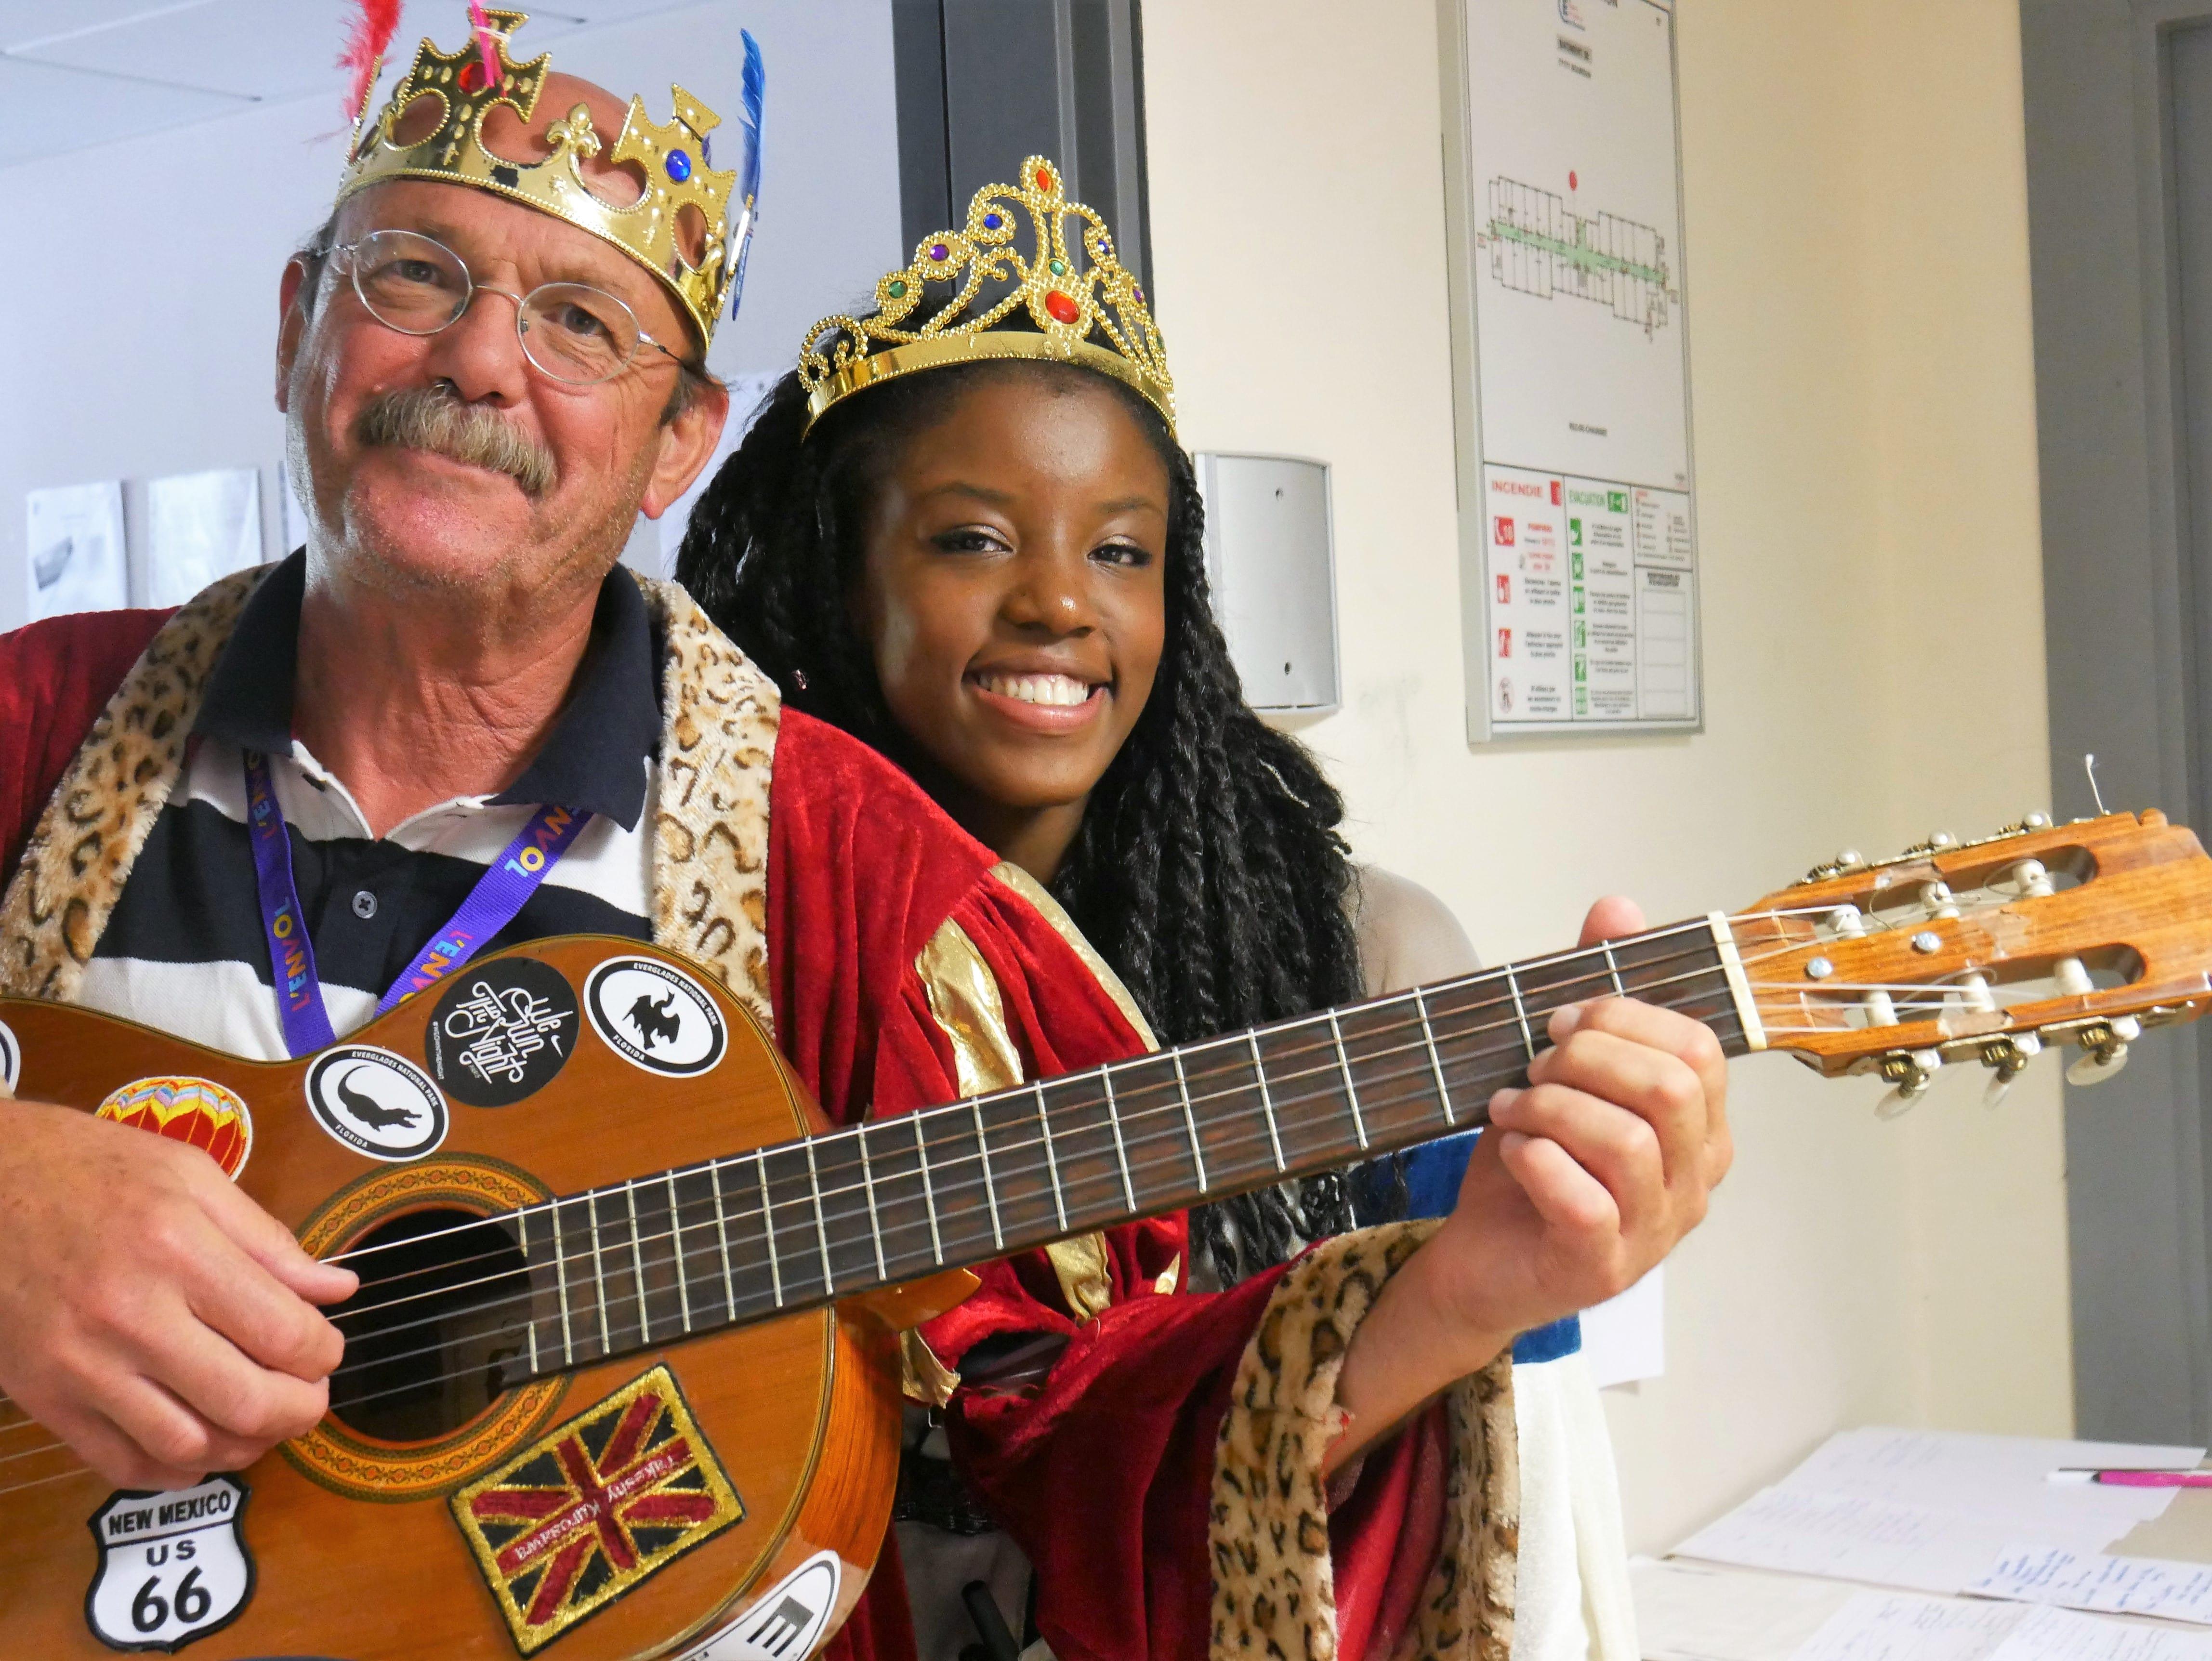 Médecin et infirmière déguisés en roi et princesse